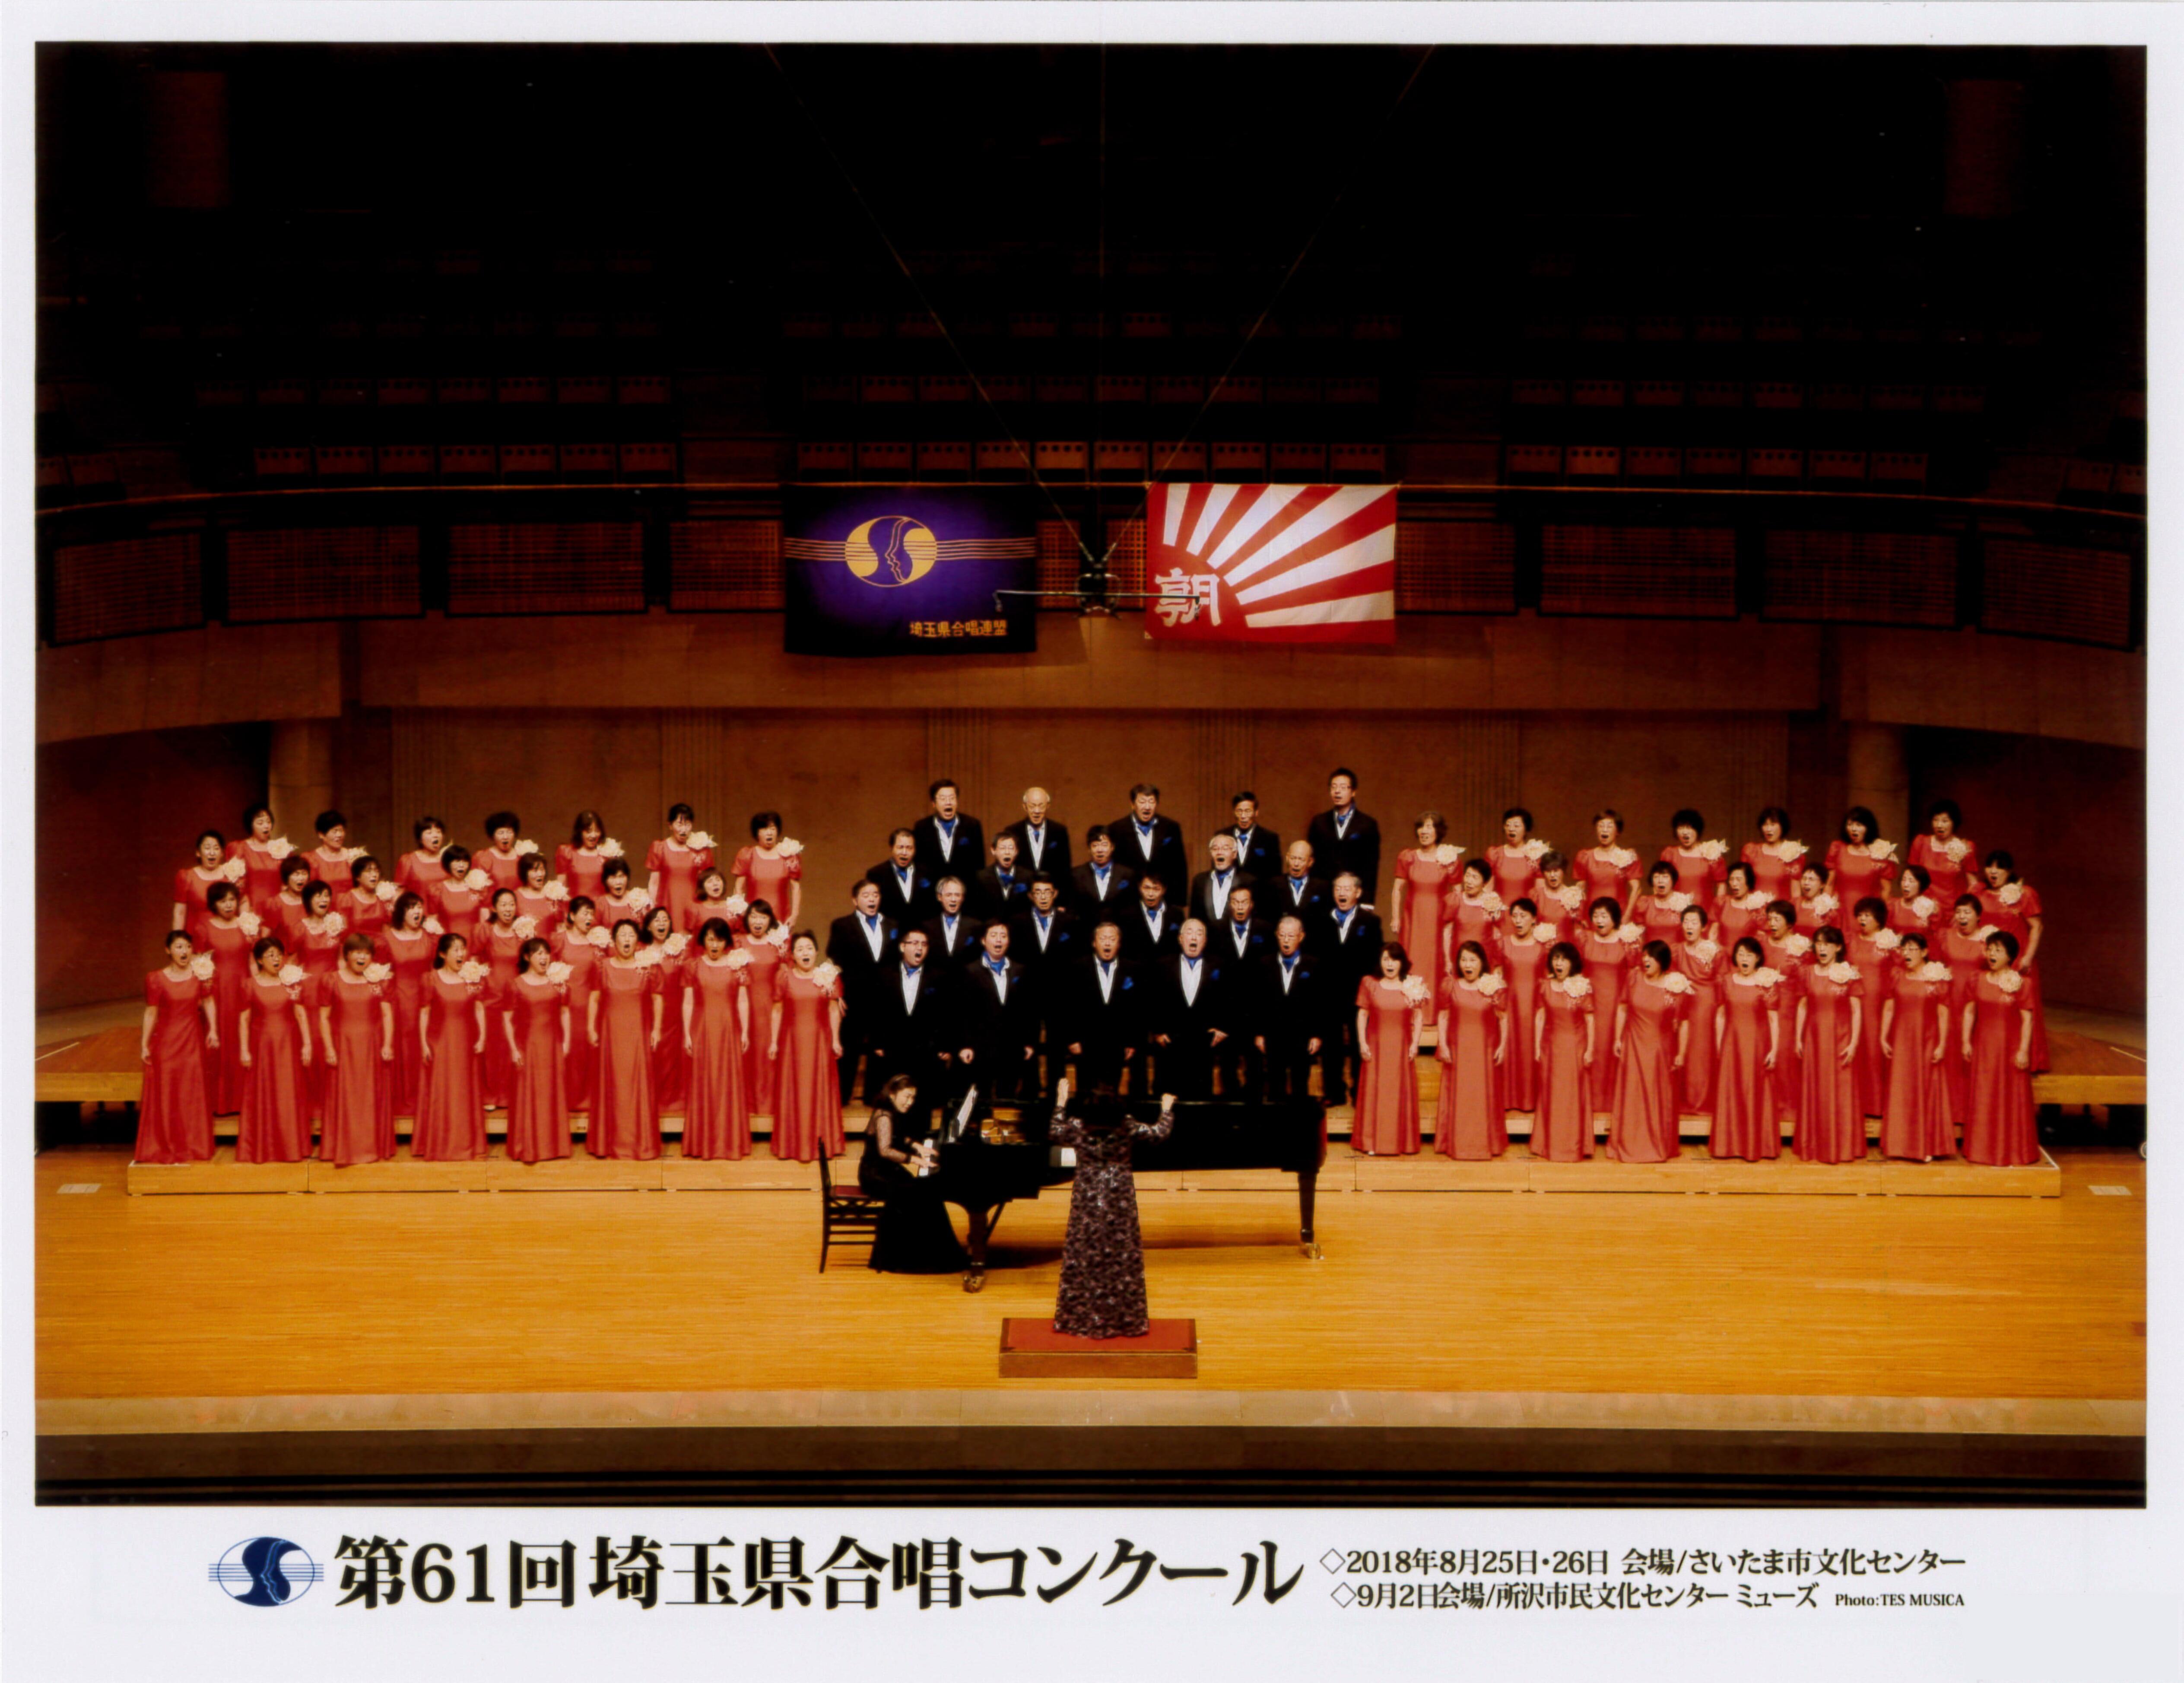 2018年:第61回埼玉県合唱コンクール 初出場、金賞受賞!!